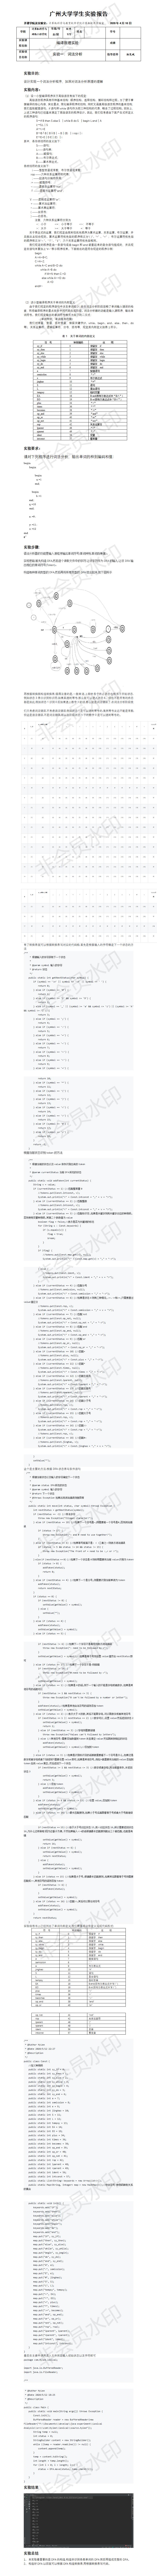 2020广州大学编译原理实验一